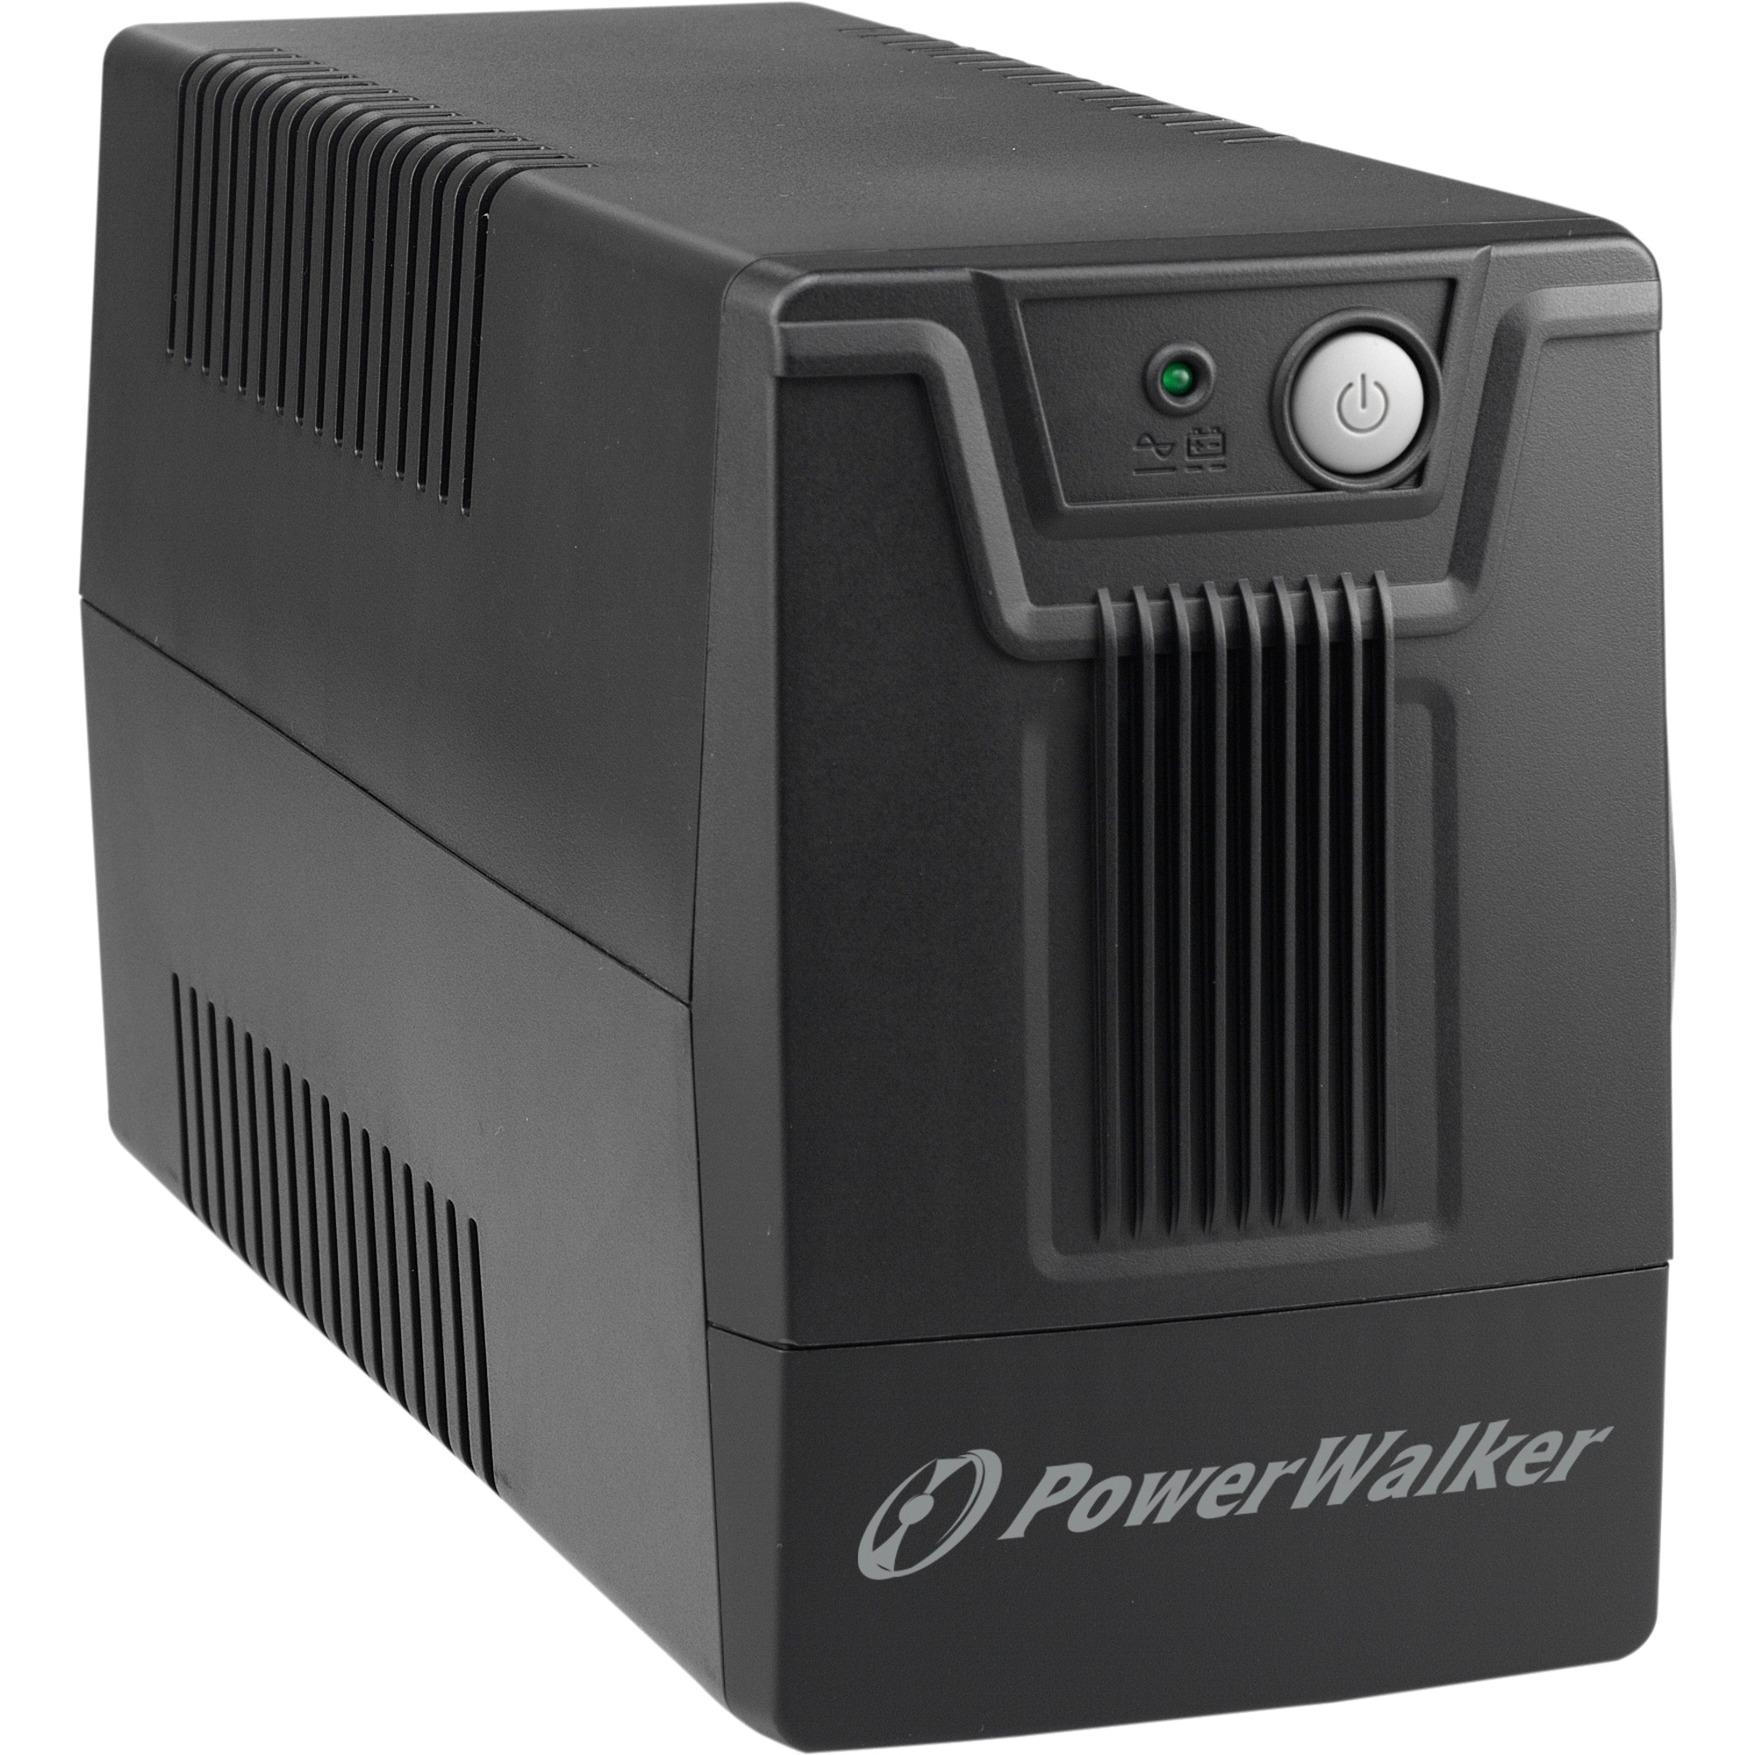 10121024 sistema de alimentación ininterrumpida (UPS) Línea interactiva 600 VA 360 W 2 salidas AC